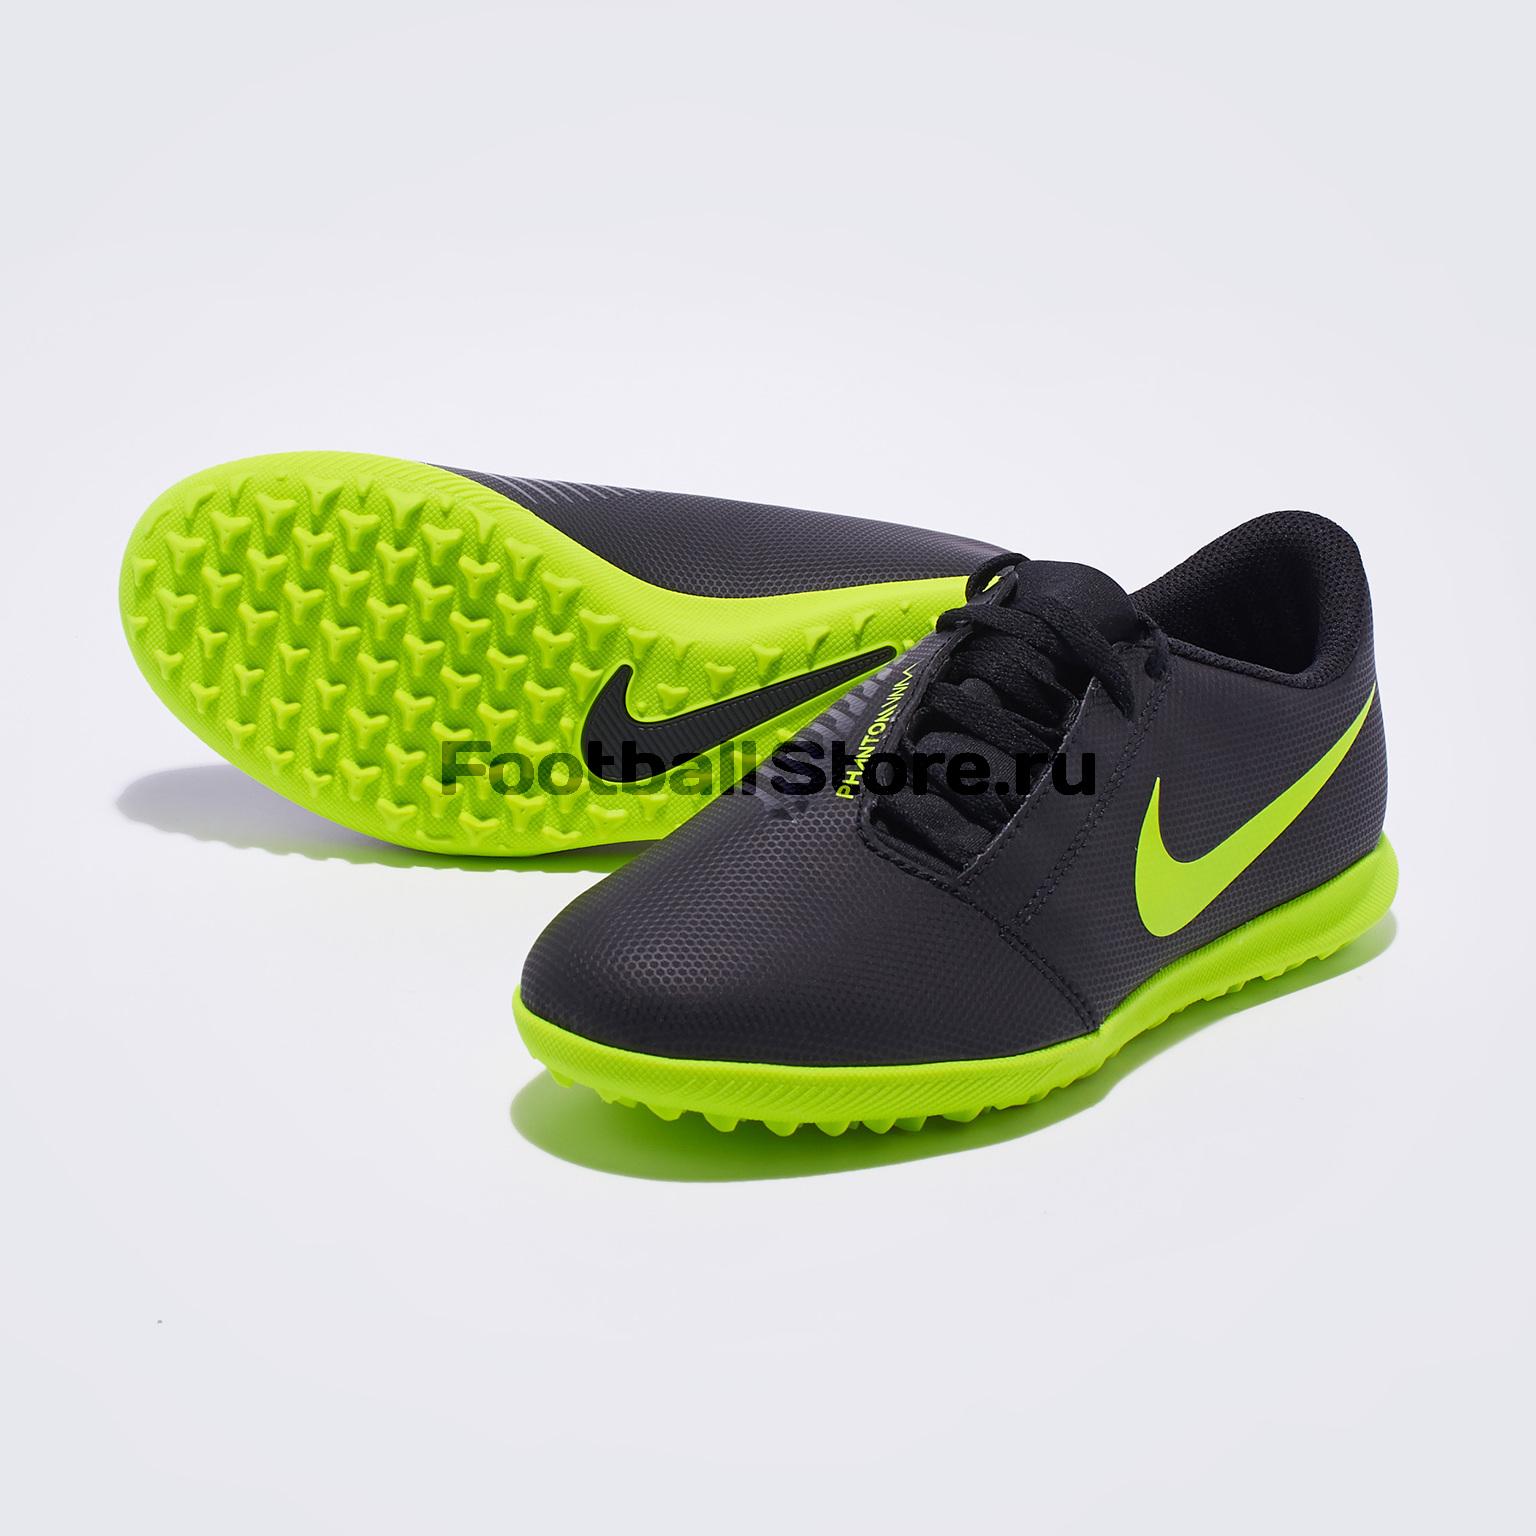 Шиповки детские Nike Phantom Venom Club TF AO0400-007 цена в Москве и Питере